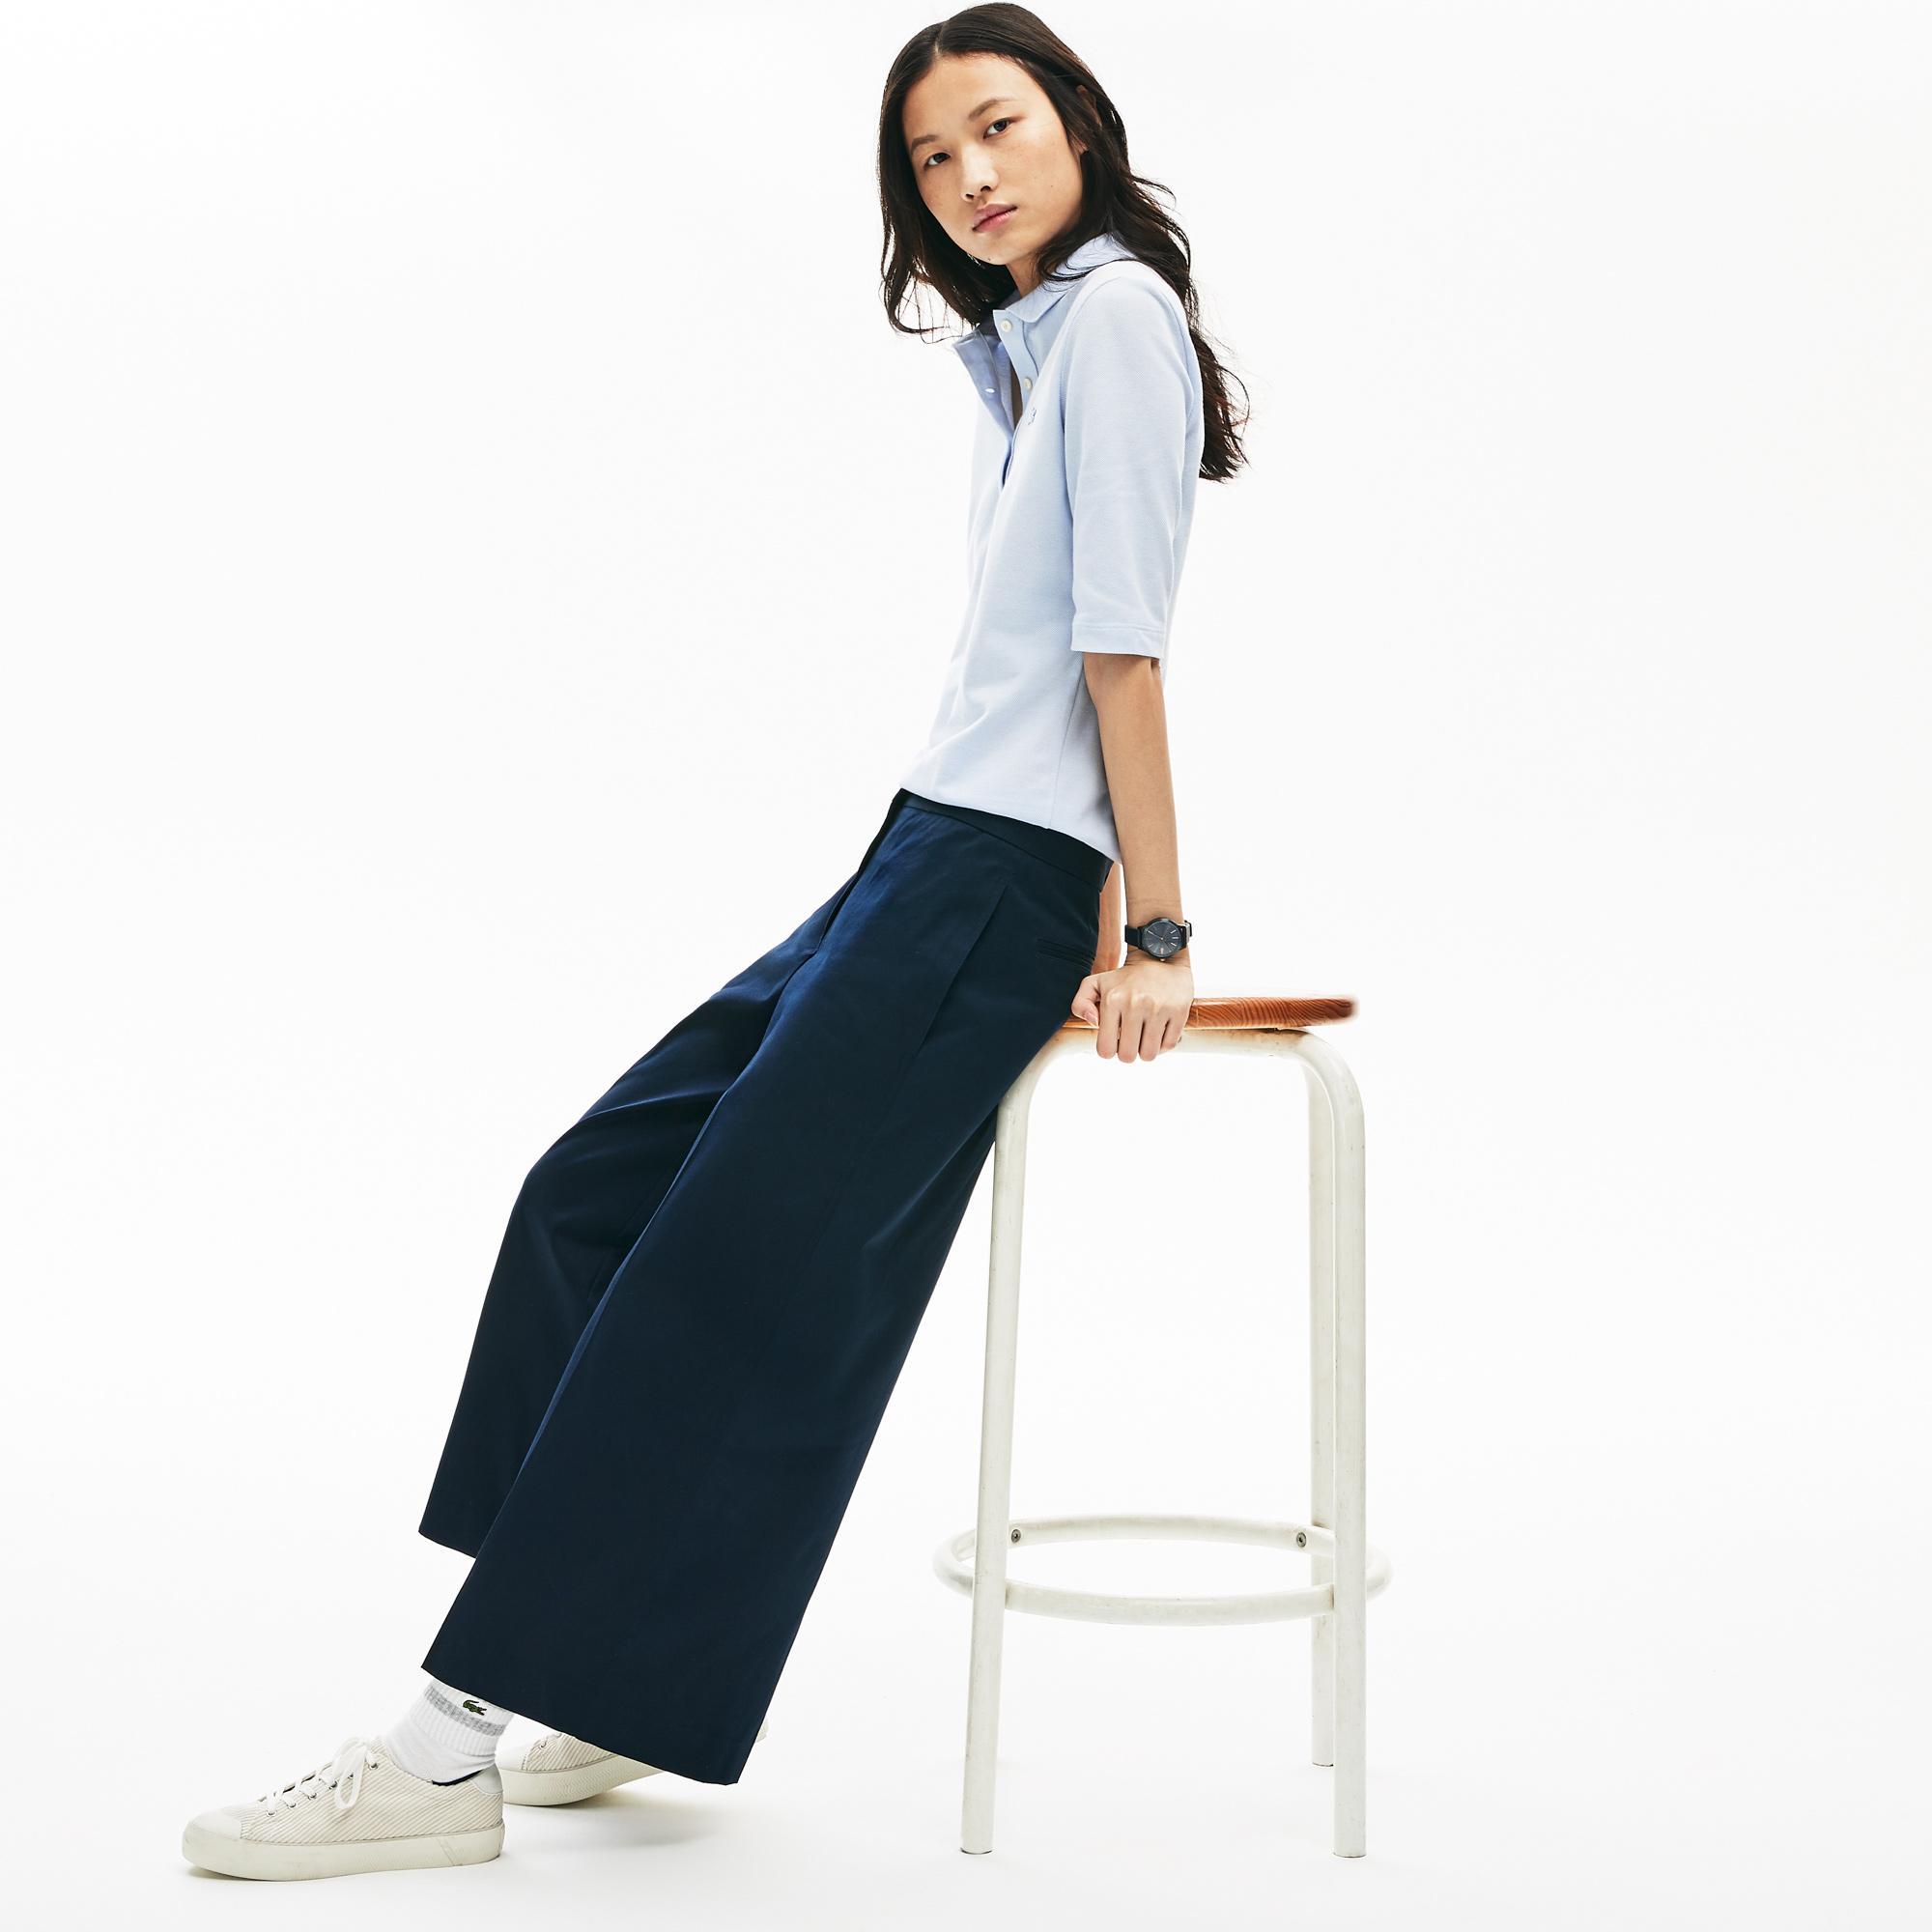 Lacoste Damskie Szerokie Spodnie Bawełniane Wysokiej Jakości